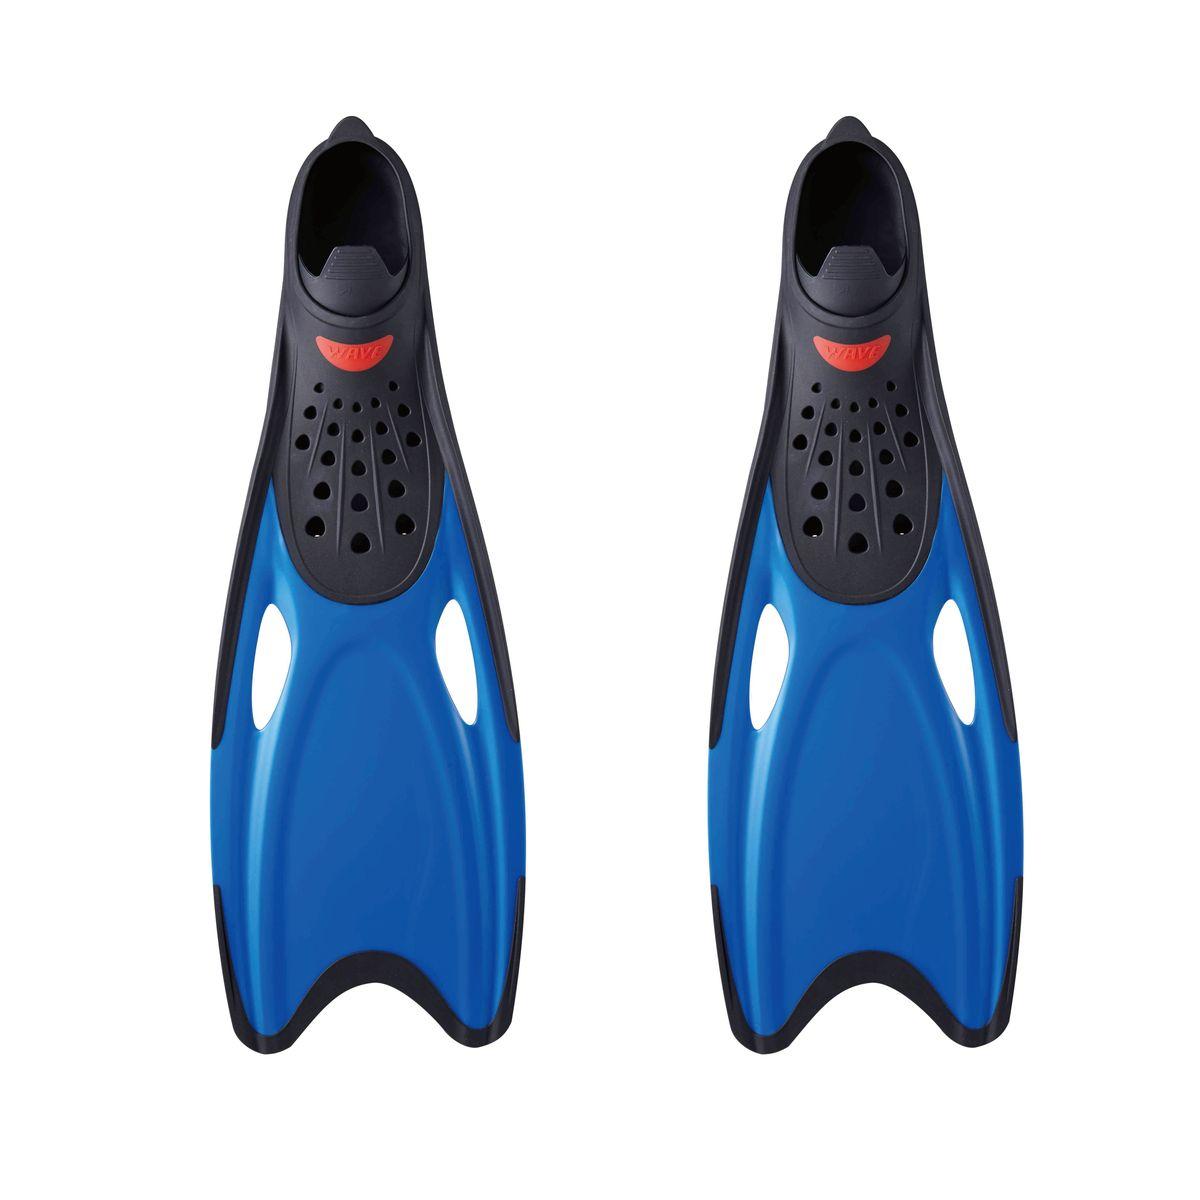 Ласты для плавания WAVE, цвет: синий. Размер 38-39. F-6871F-6871(38-39)Профессиональная линия ласт для плавания Ласты для плавания WAVE F-6871, цвет синий,размер 38-39 Ласты с закрытой пяткой: Для плавания и тренировок Сверхлегкий вес увеличивает эффективность гребка Дренажные отверстия уменьшают сопротивление Улучшеная форма калоши обеспечивает комфорт для любой ноги Выполнены из высококачественного термопластичного эластомера (ТРЕ) Срок службы гораздо дольше чем у резины Размер:М(38-39) Характеристики:Тип:ласты Материал: термопластичный эластомер Размер:38-39(М);40-41(L);42-43(XL) Возраст:взрослый Вид спорта:водные виды спорта, дайвинг Страна изготовитель:Китай Упаковка:пакет с ручками Артикул:F-6871 Размер, мм:530x185x70 мм Размер упаковки:70.6x31.5x9 см Вес в упаковке,гр:698 гр